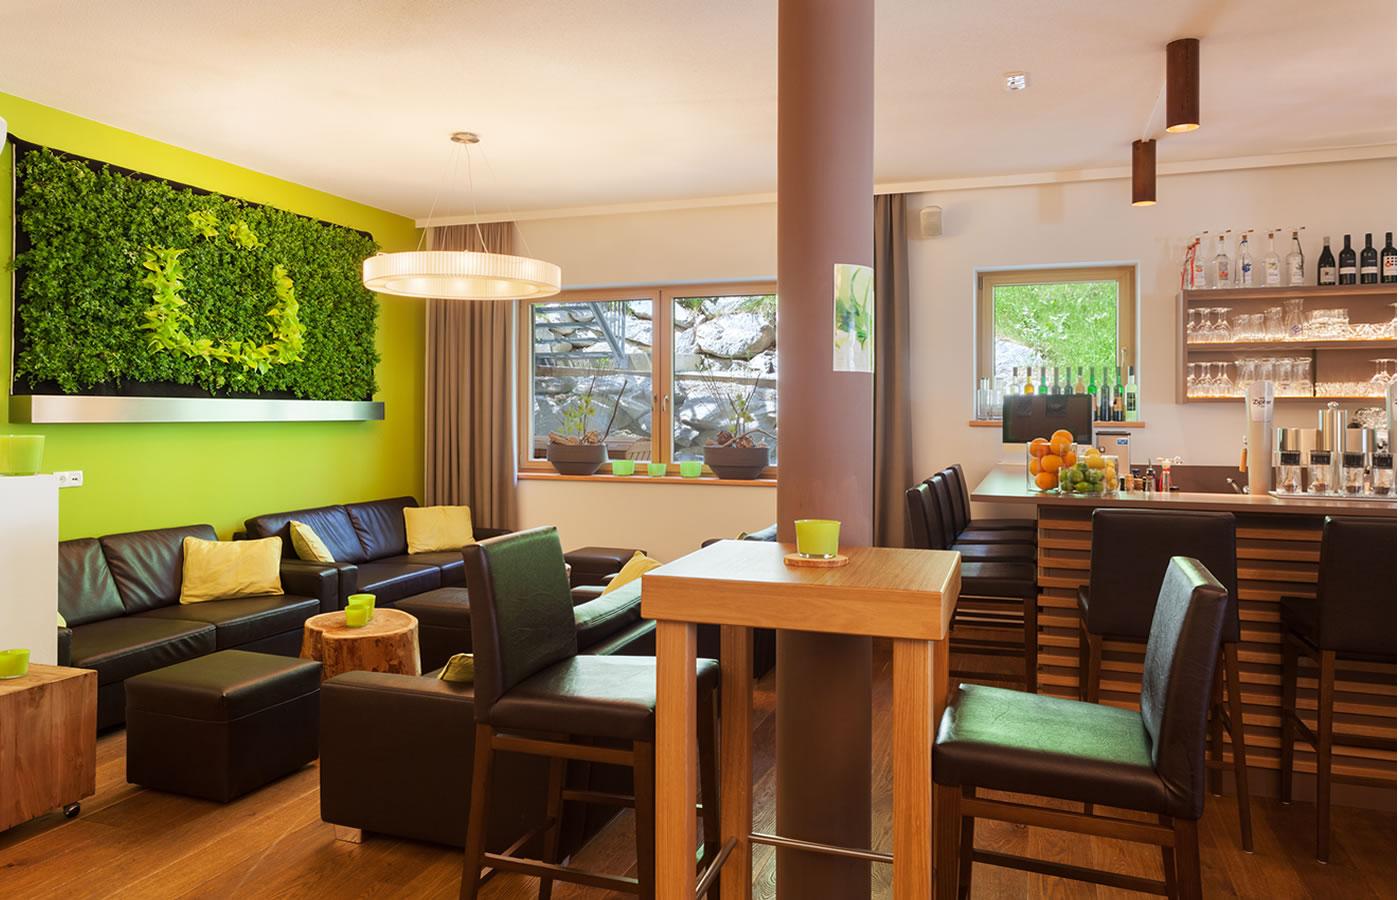 Hotelbar im Natürlich. 4 Sterne Hotel in Fiss.